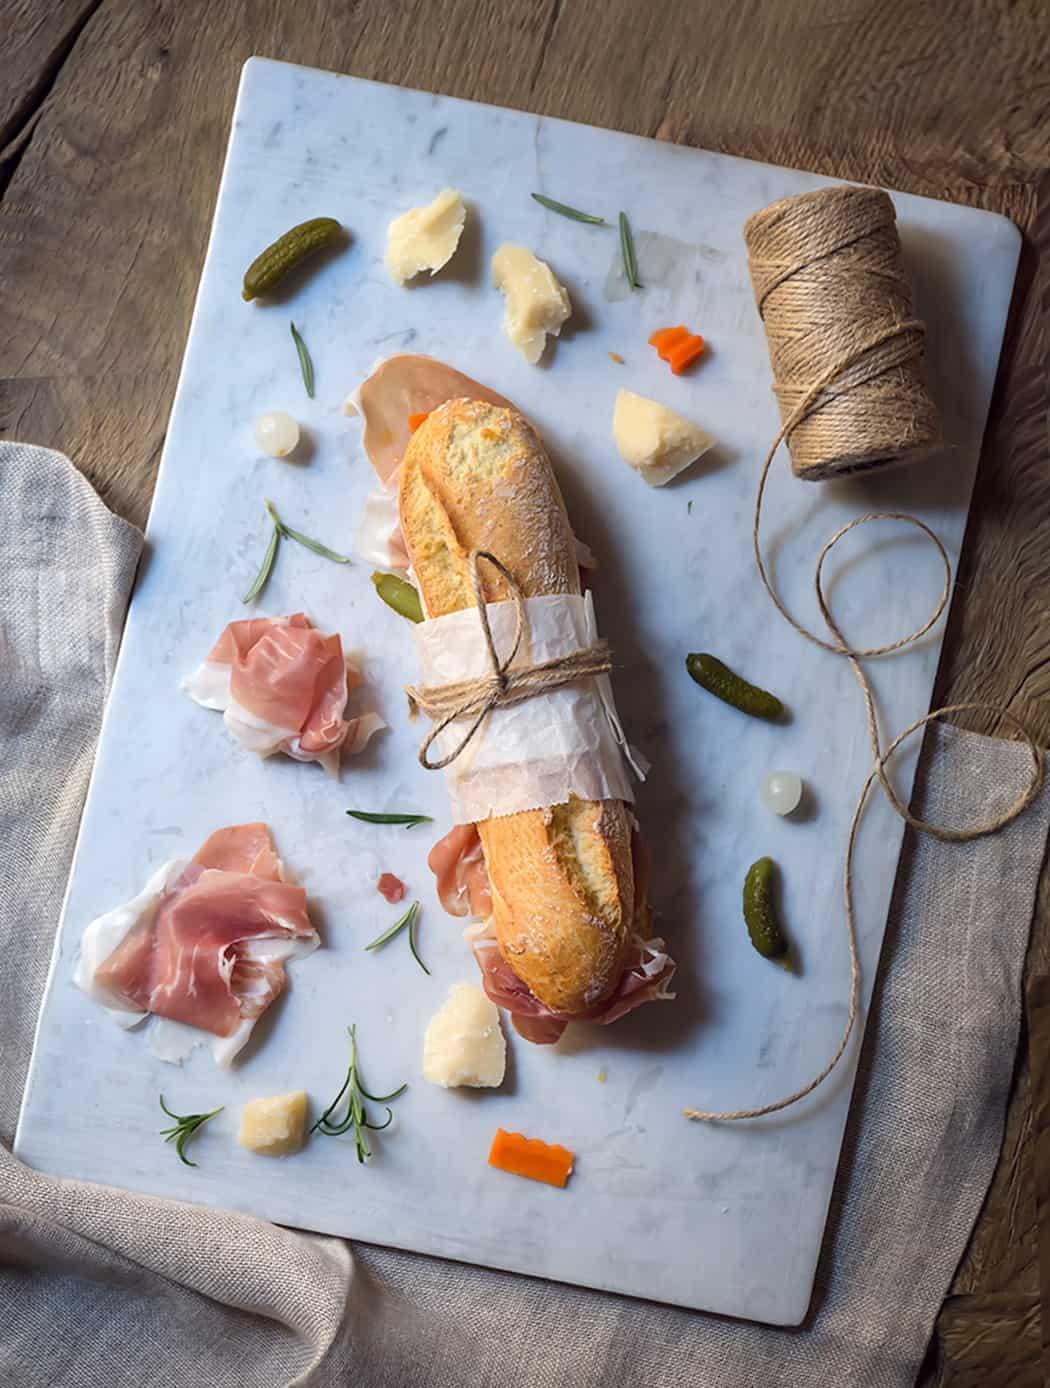 ricetta panino con prosciutto e giardiniera